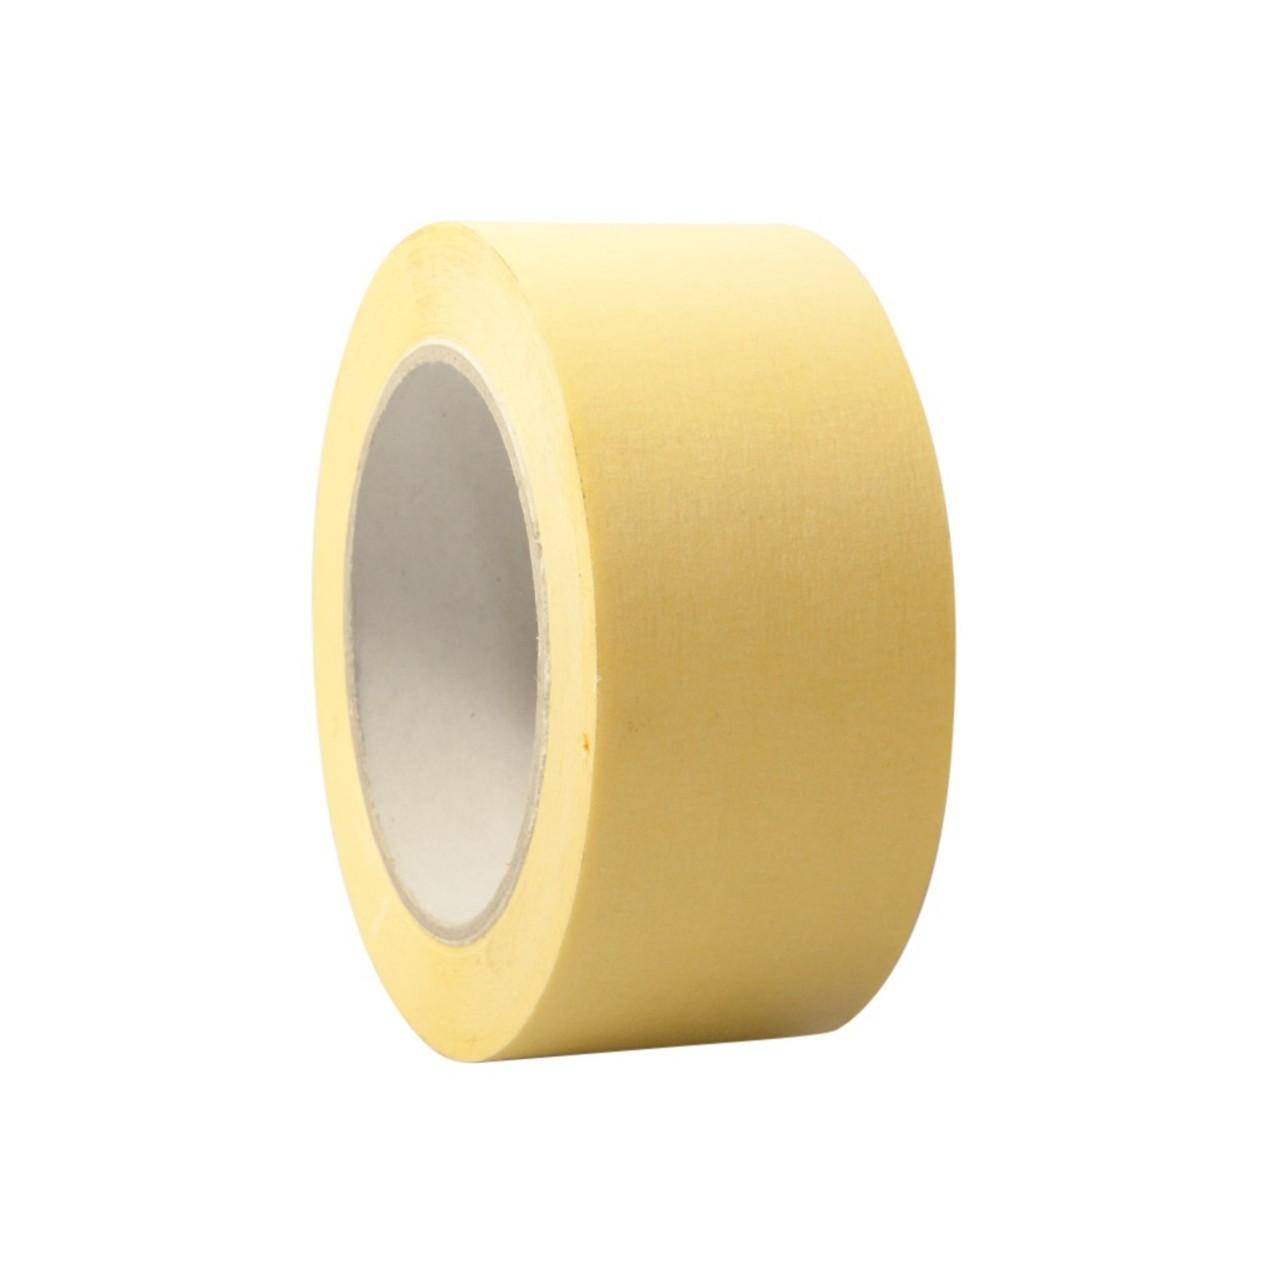 selmundo 3205, Kreppklebeband Abdeckband Malerkrepp gelb